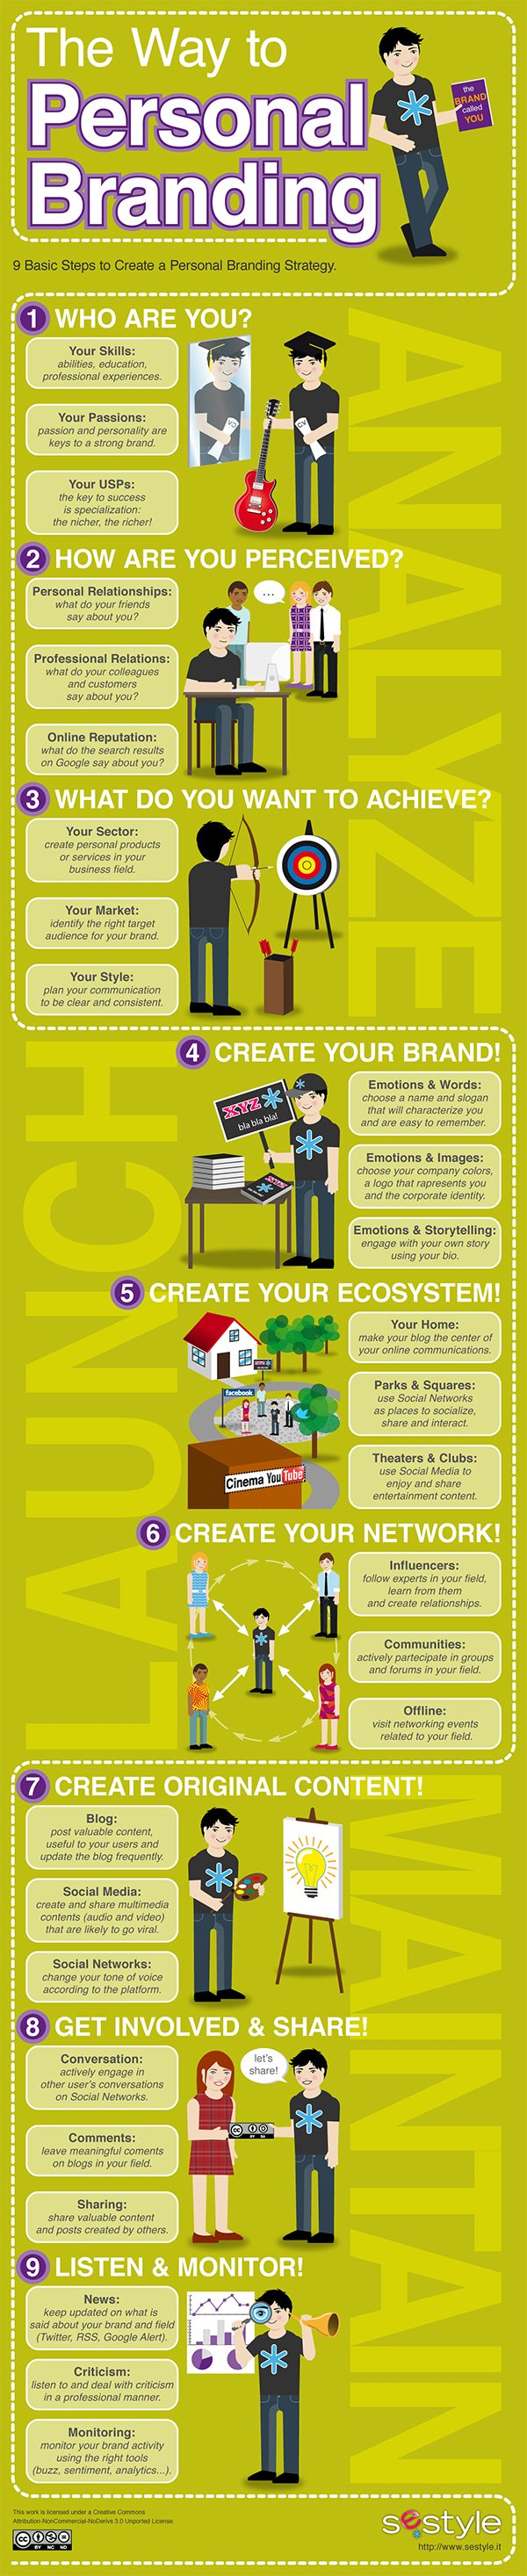 Nine Steps for Personal Branding